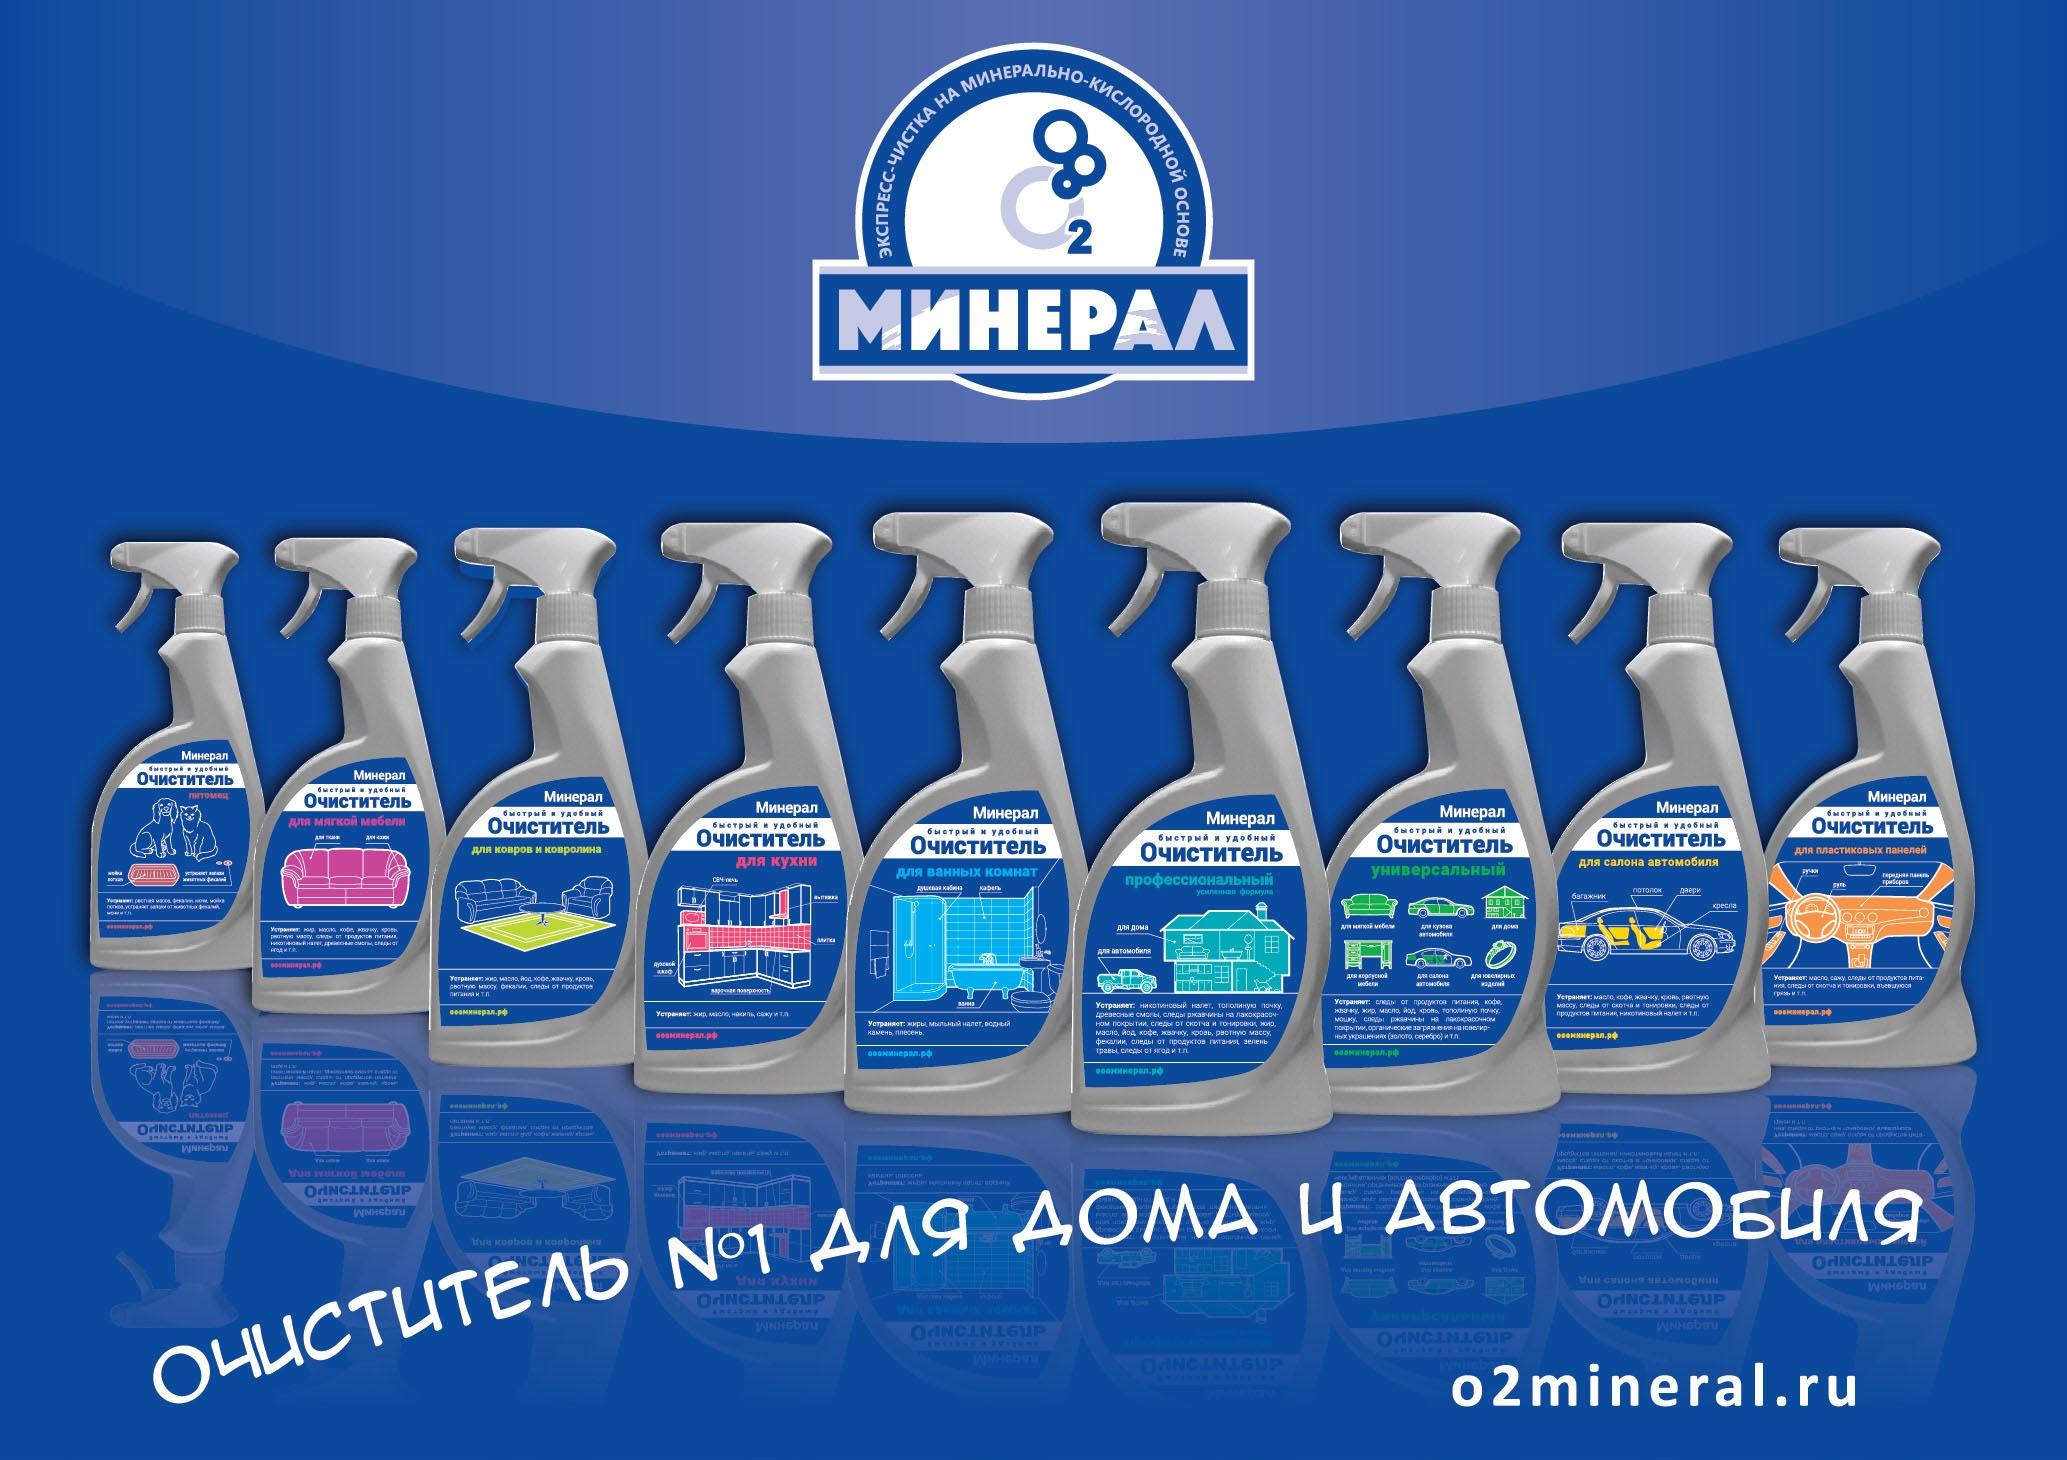 Сбор заказов. Уникальные очистители Минерал. Ваш дом и автомобиль будут в идеальной чистоте. Выкуп-1.